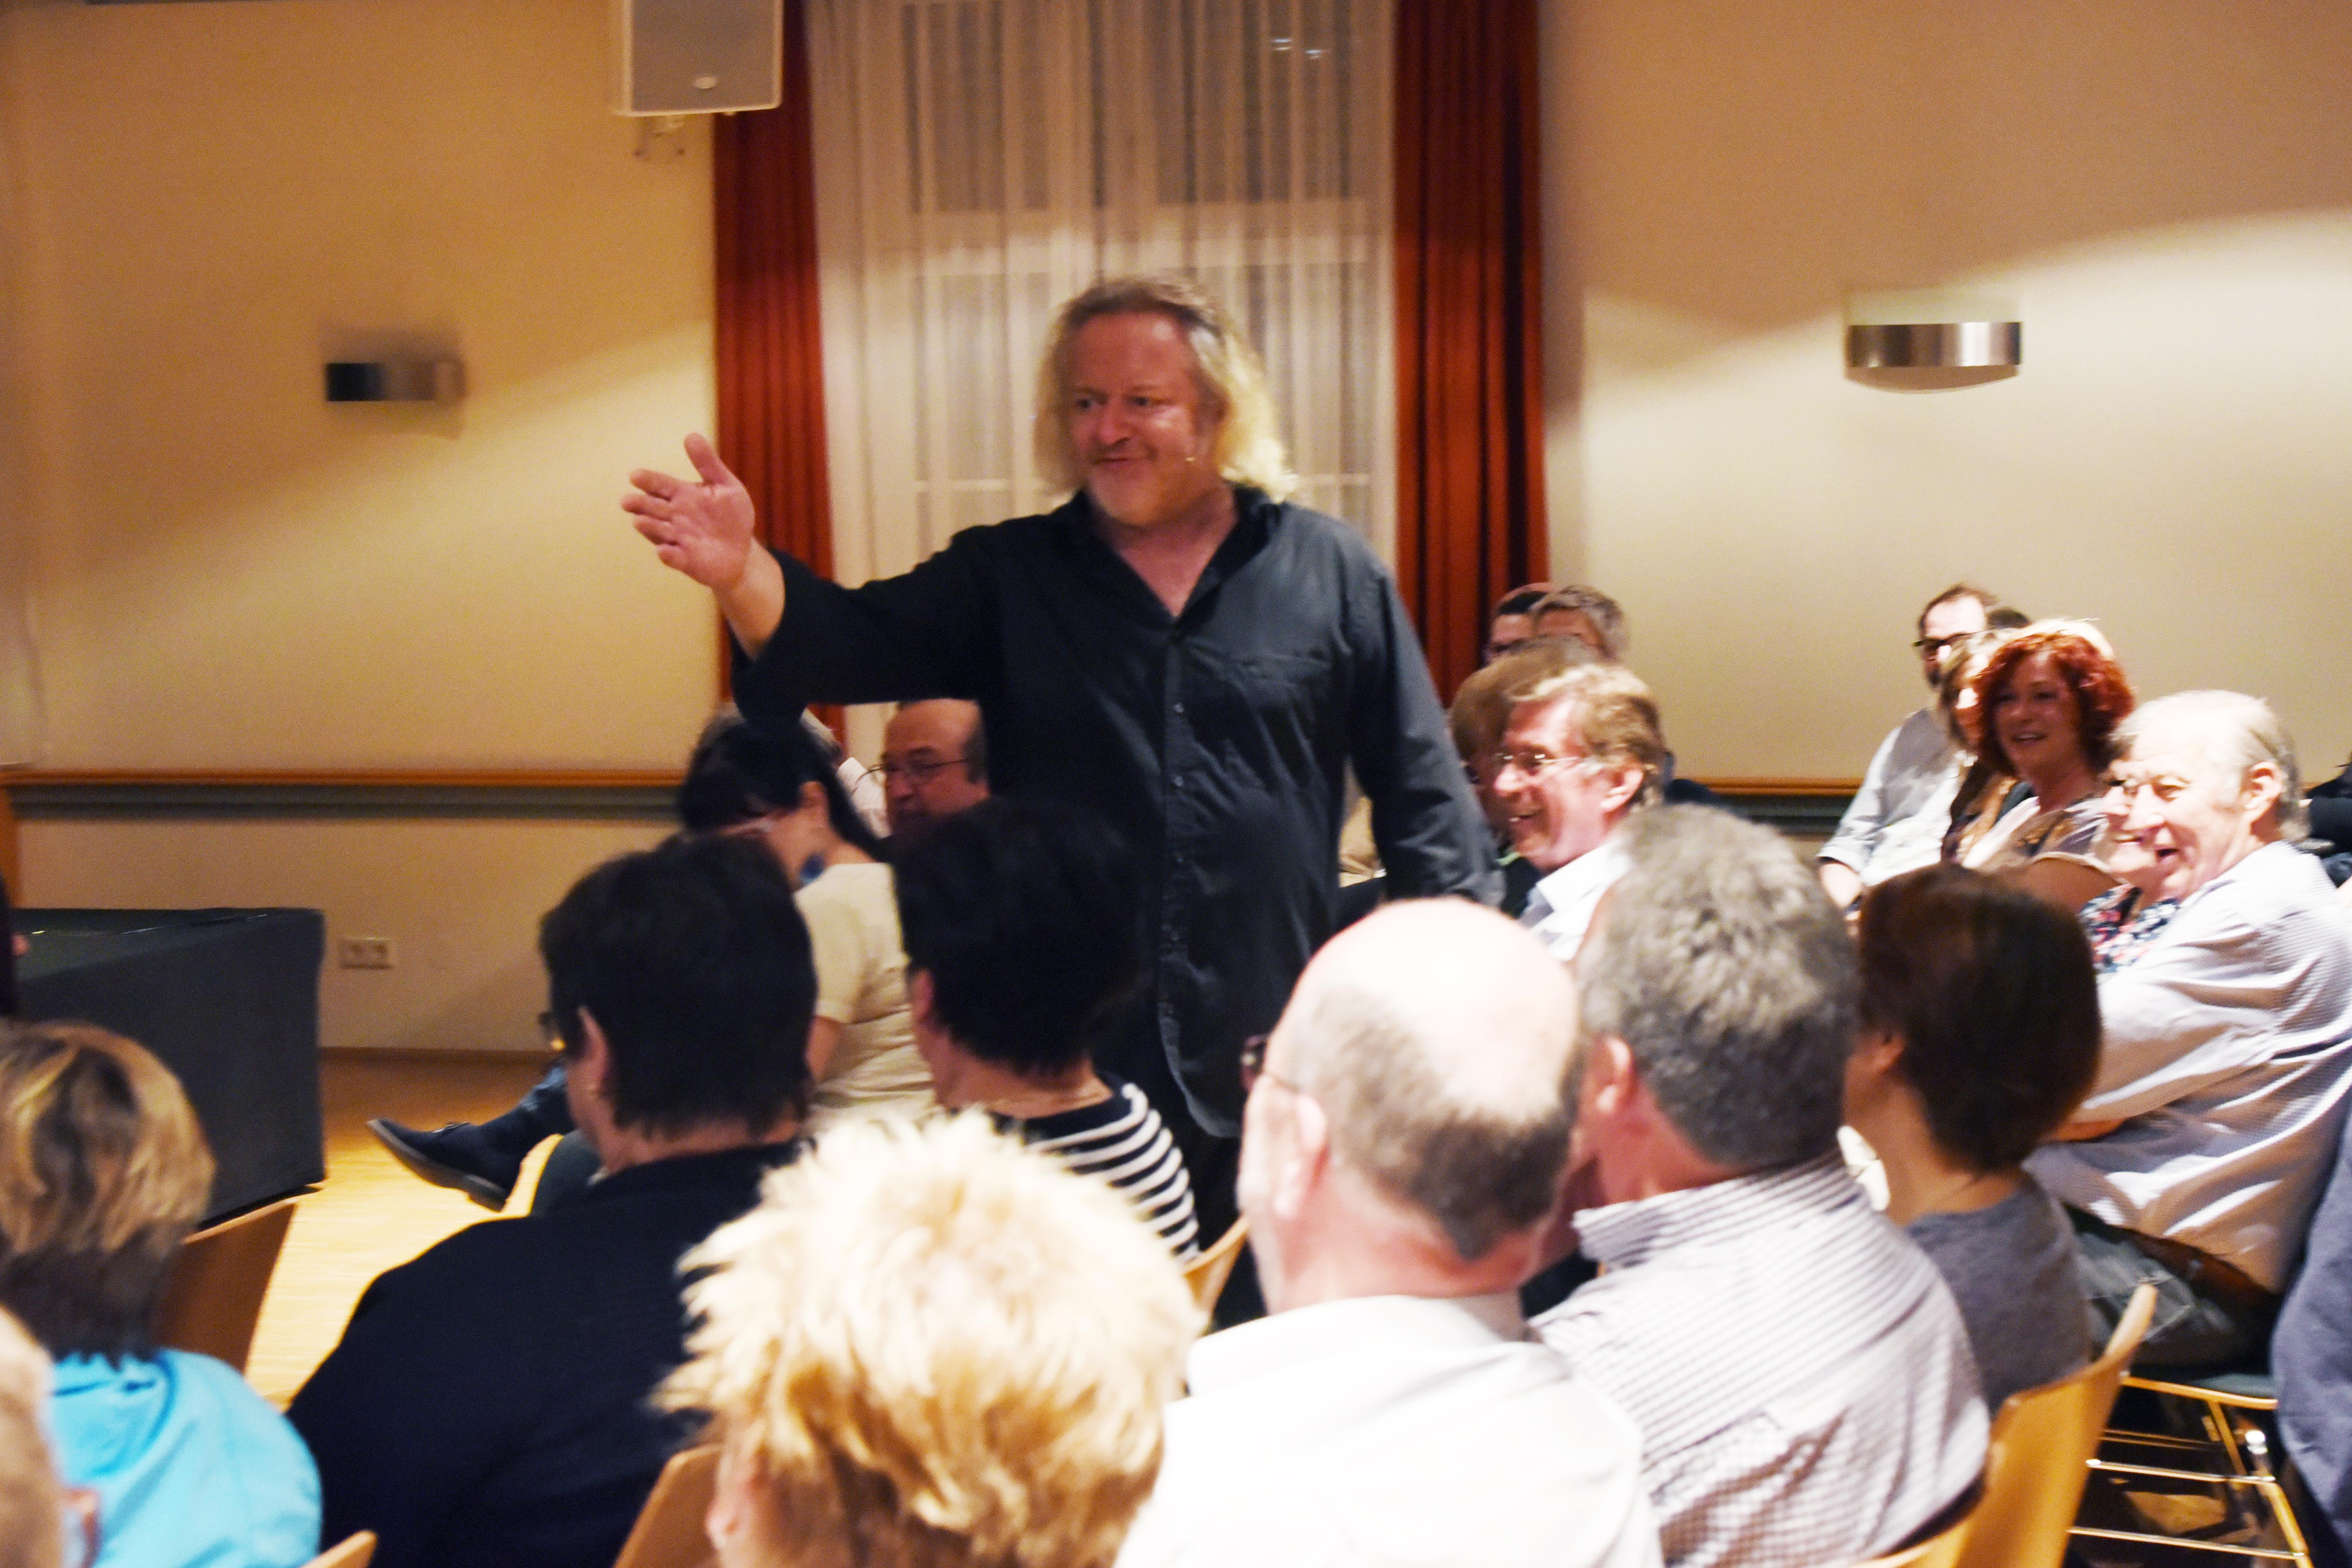 Gregor Seberg hat den ganzen Raum als Bühne